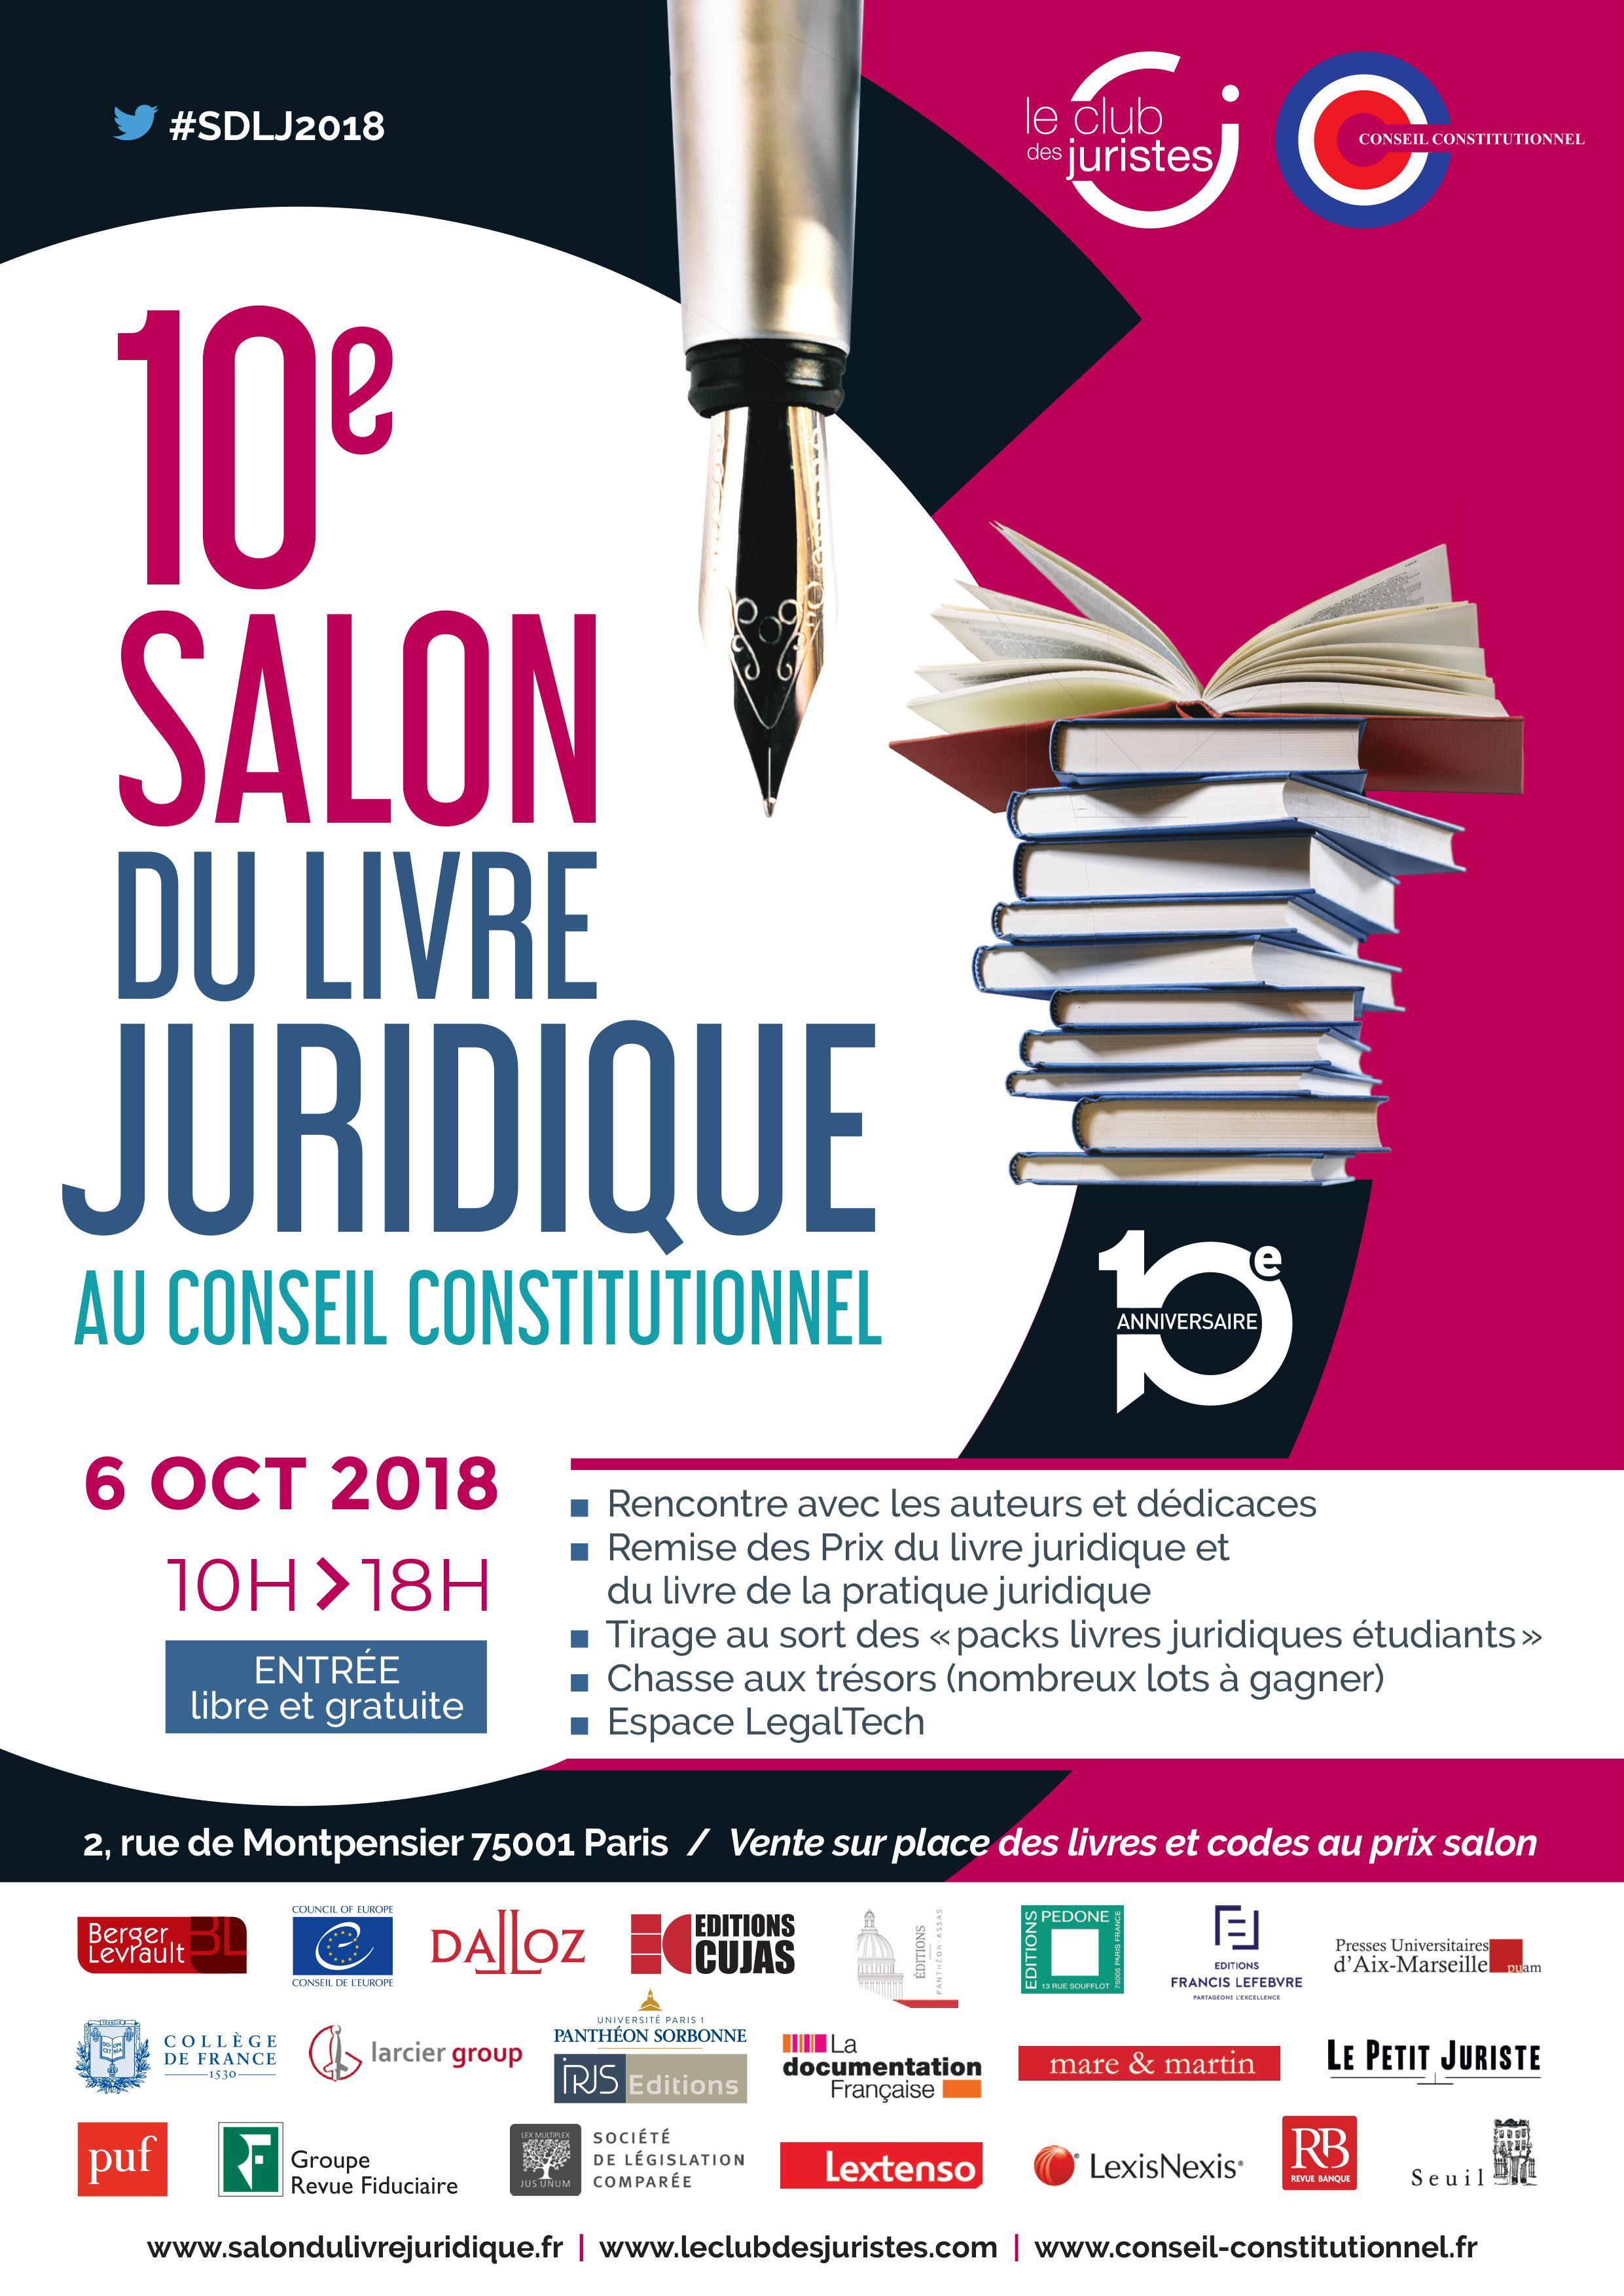 10e salon du livre juridique  u00e0 paris